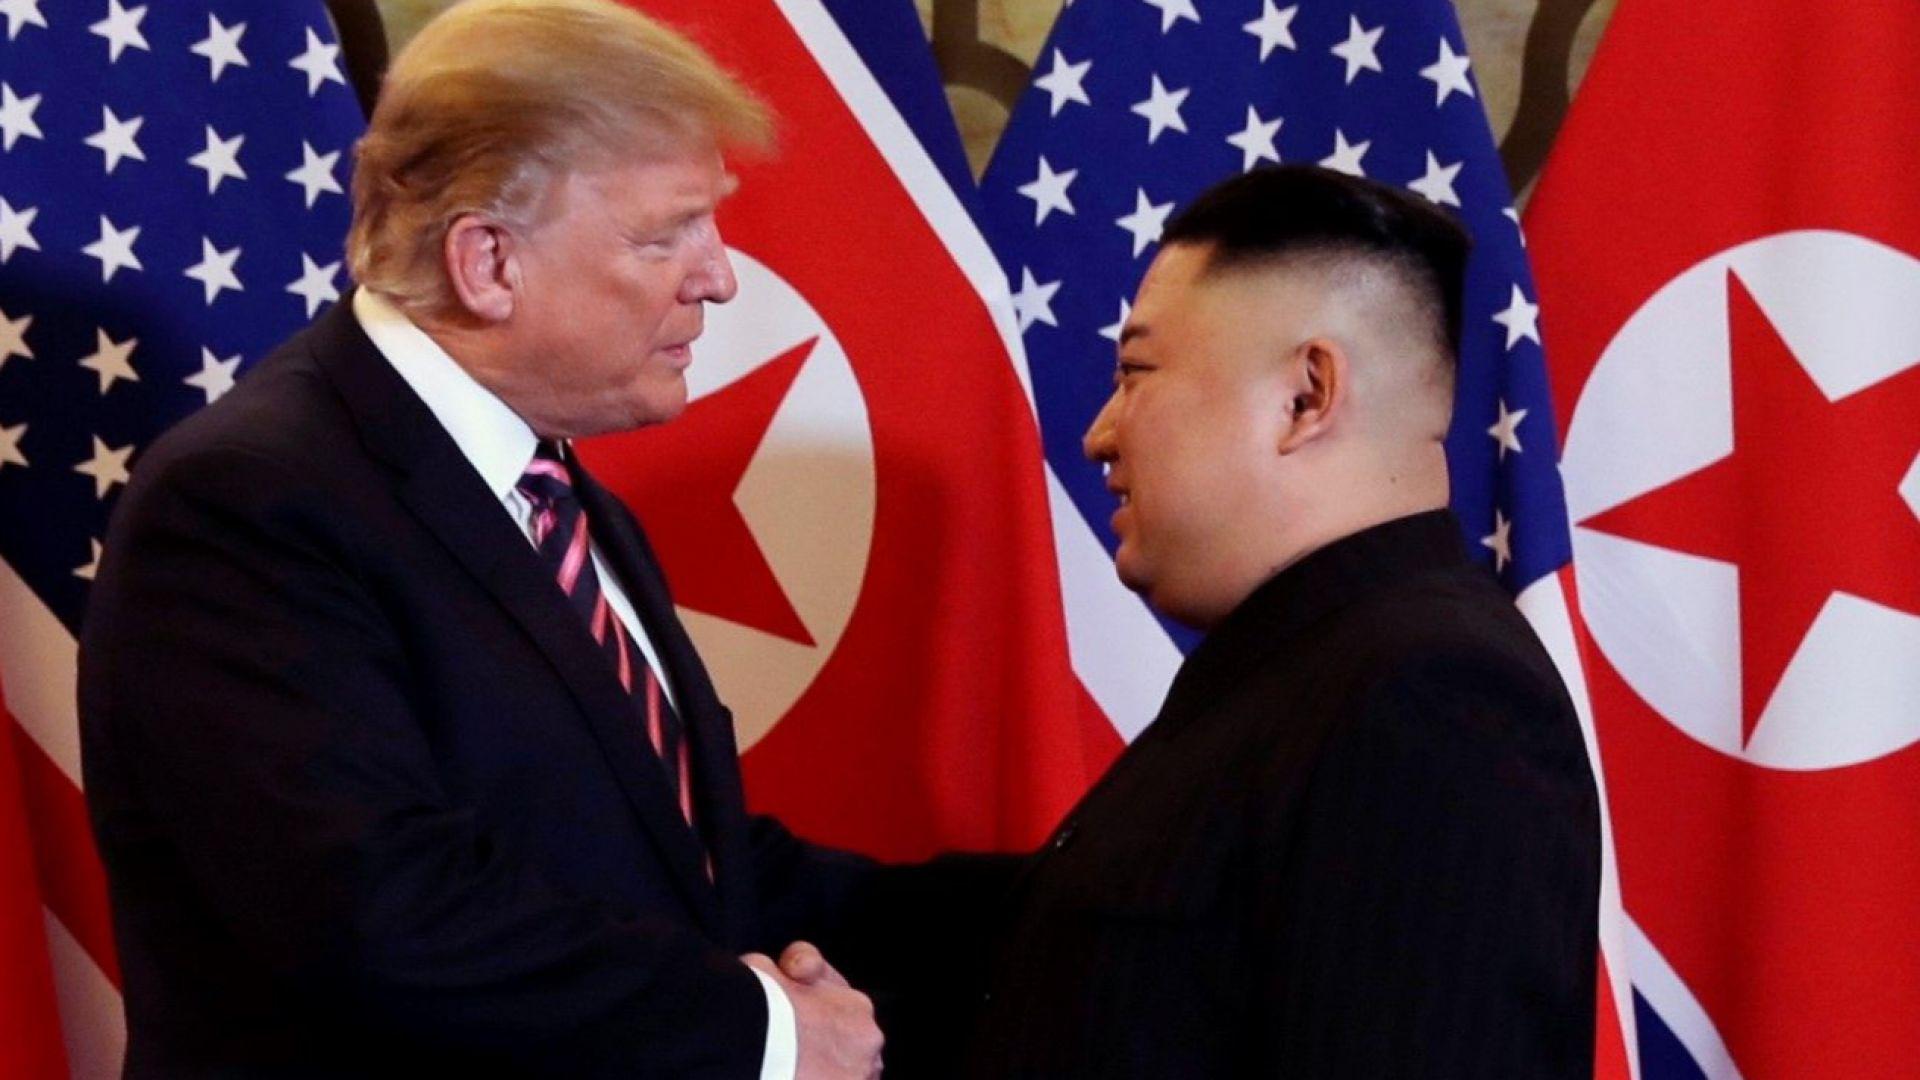 Тръмп към Ким: Вие сте великолепен лидер на страна с великолепен потенциал